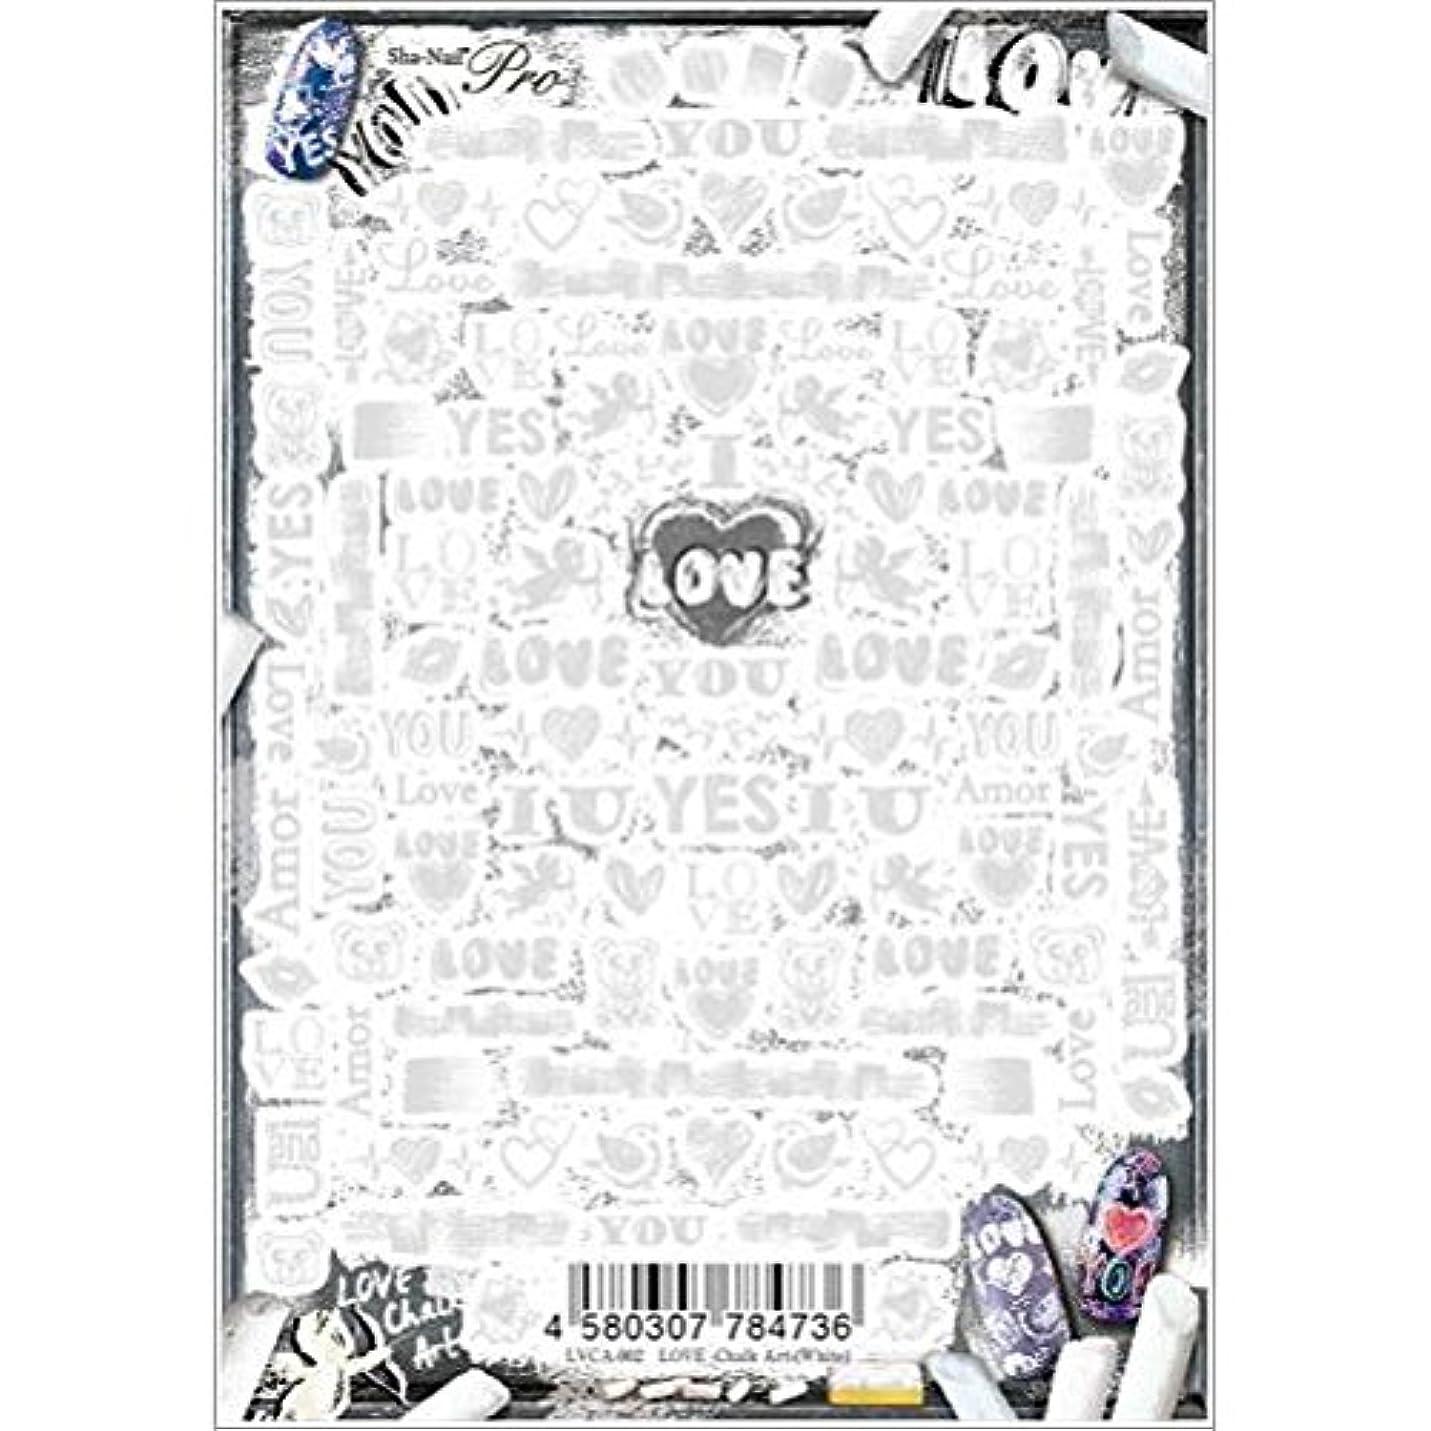 取り除く思想相手Sha-Nail Pro ネイルシール ラブ-チョークアート-(ホワイト) LVCA-002